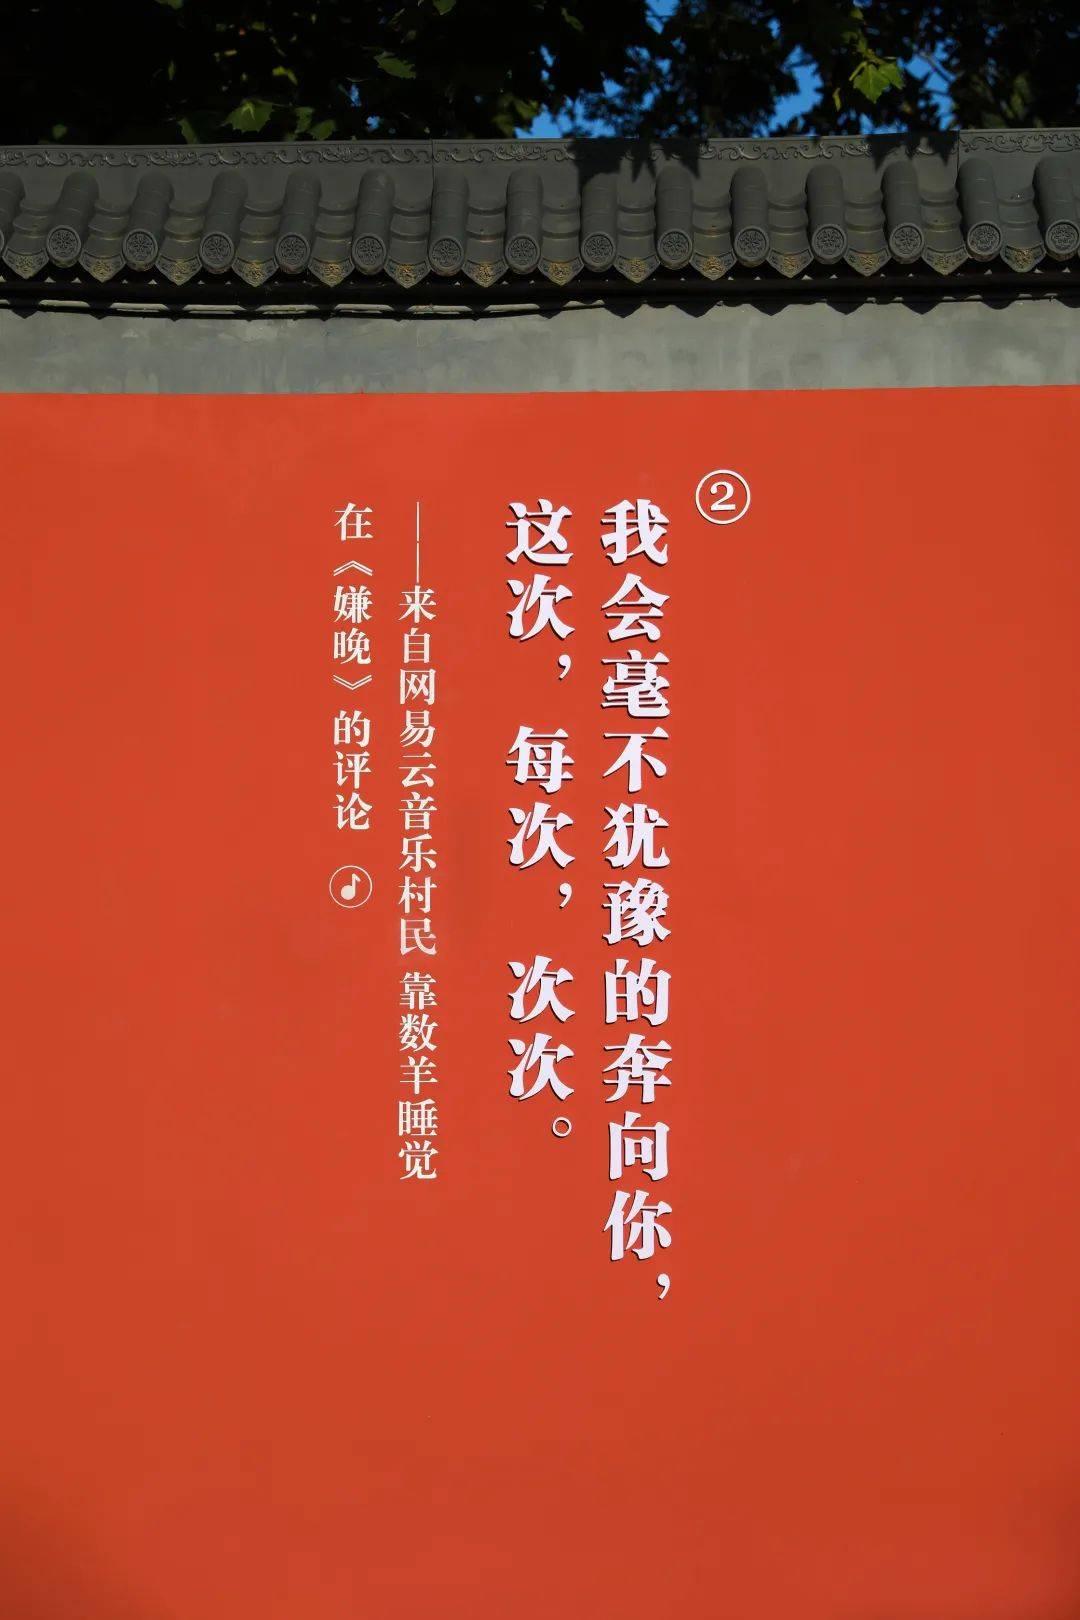 11922523736141aa9ecdce47.11977149 - 网易云音乐,一本情感营销的教科书